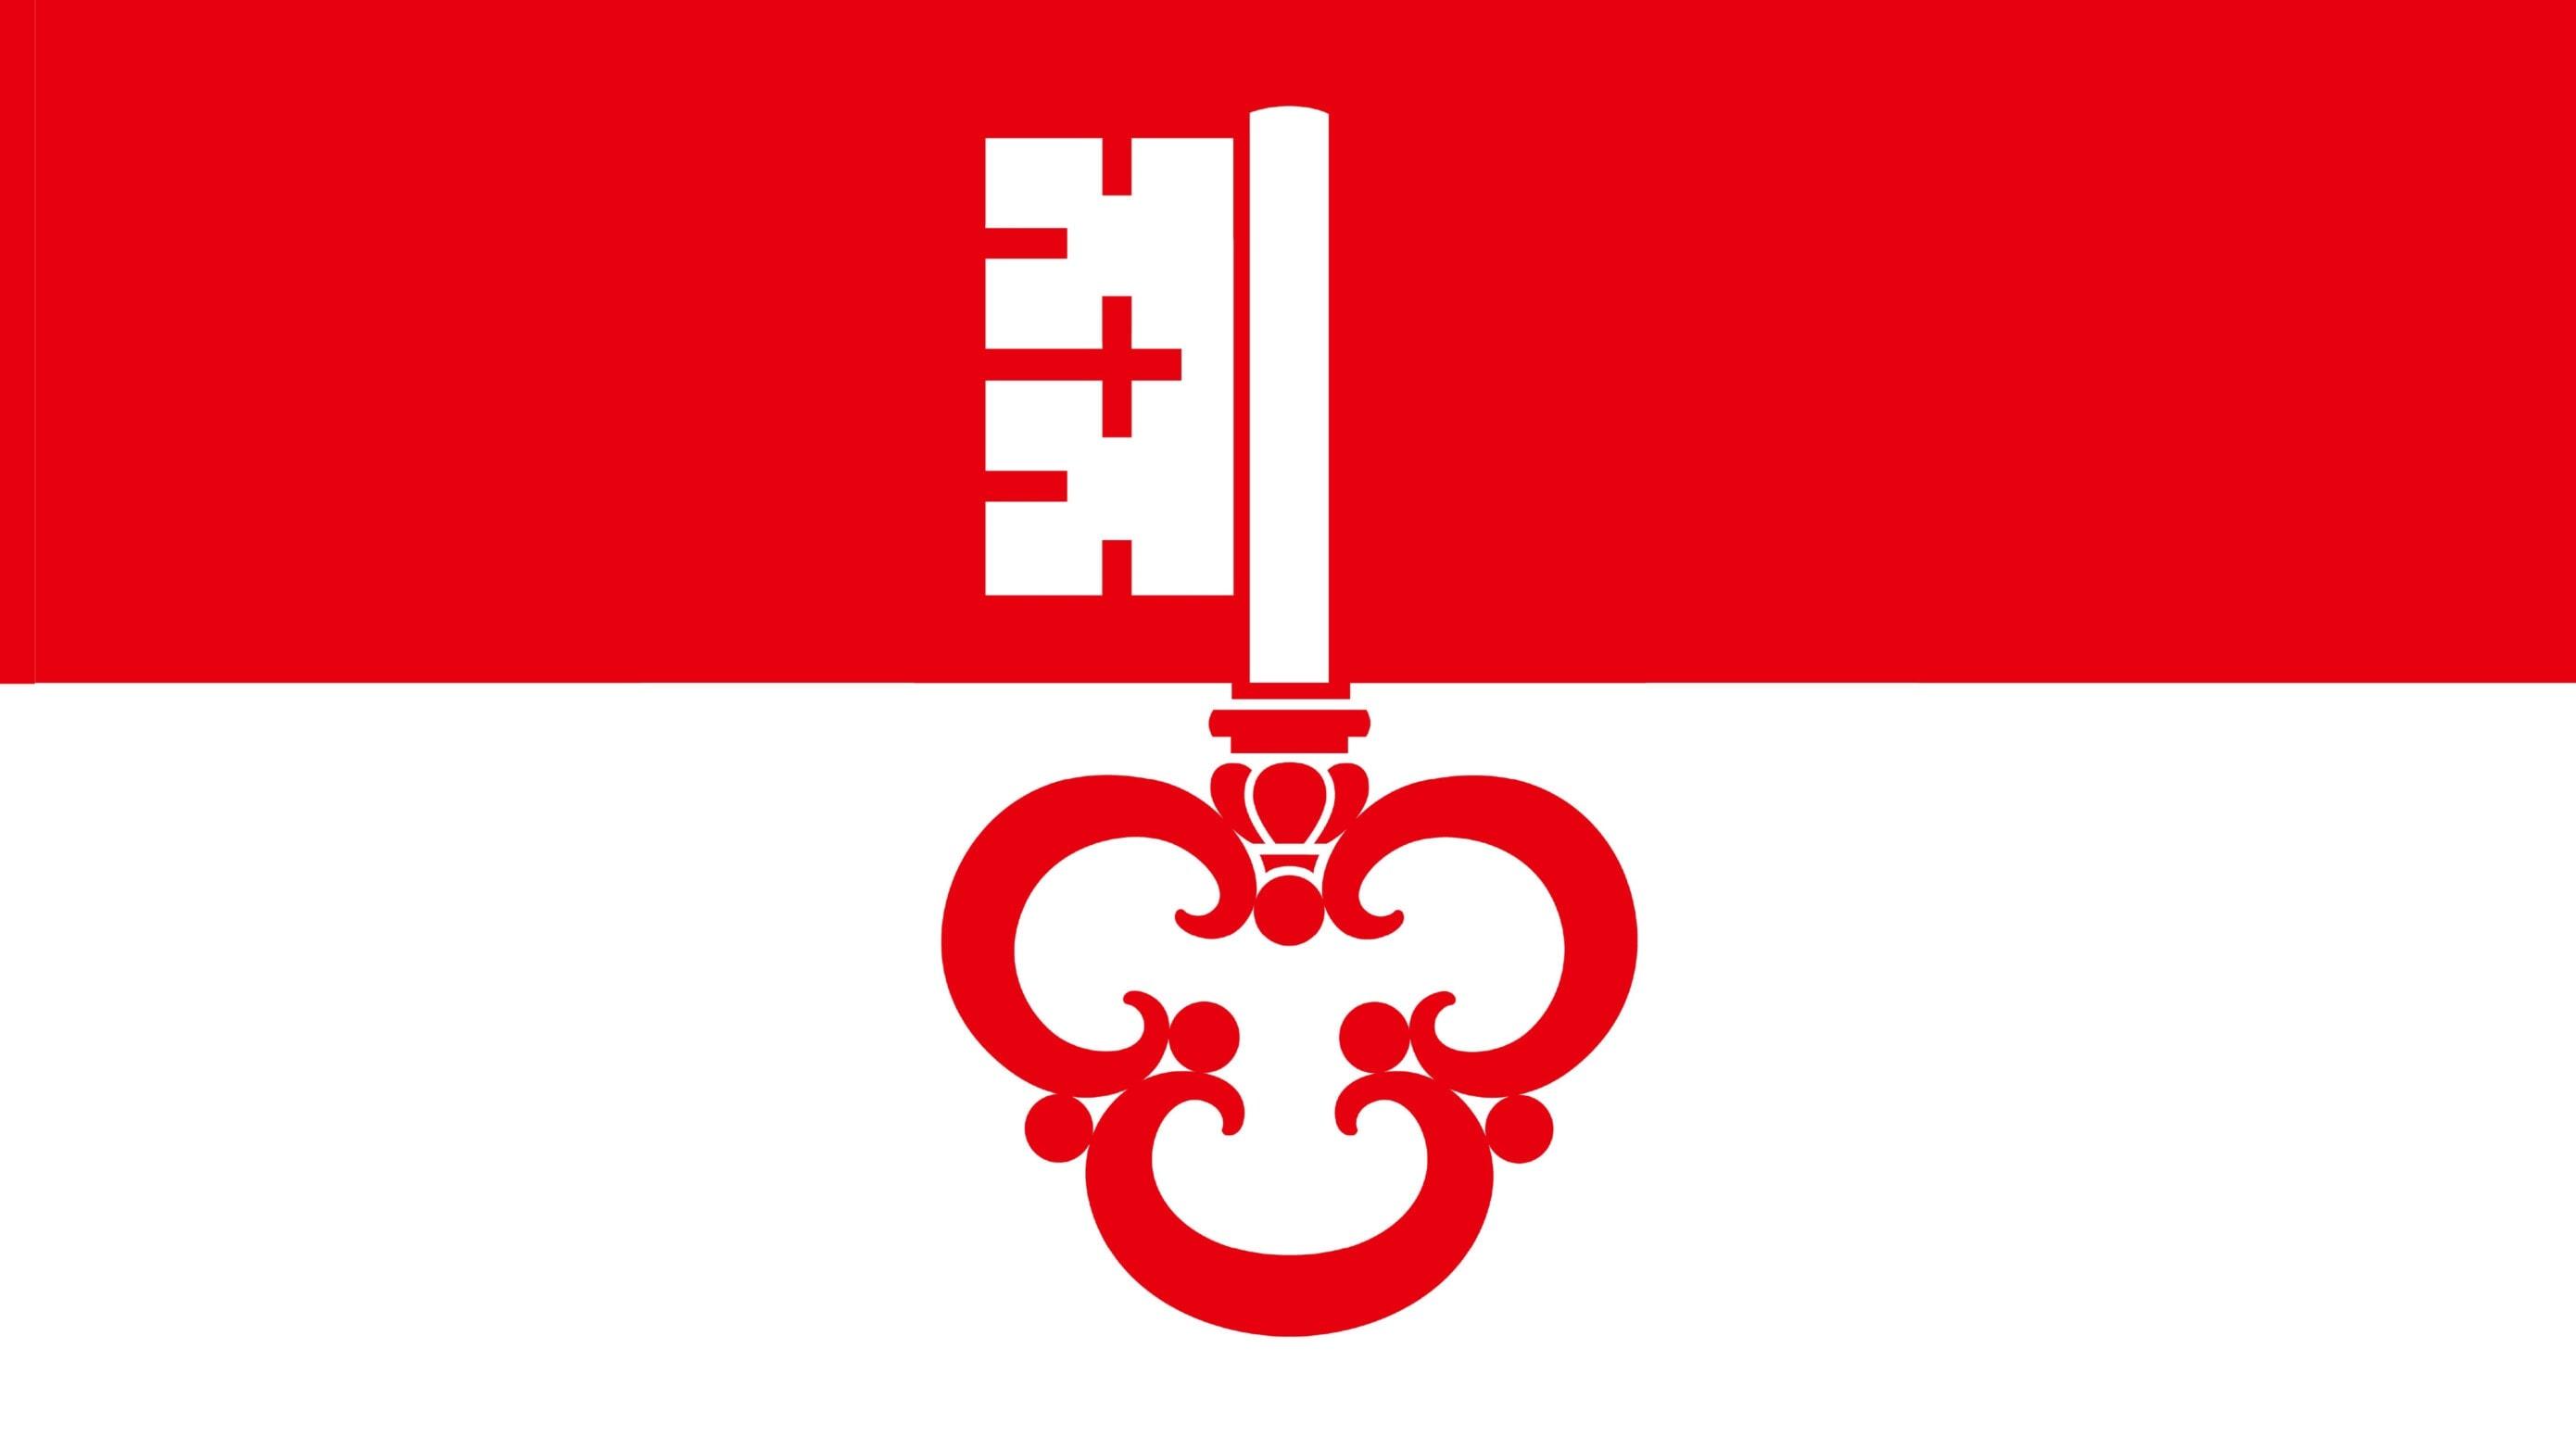 Schlüssel Kanton Obwalden Wappen